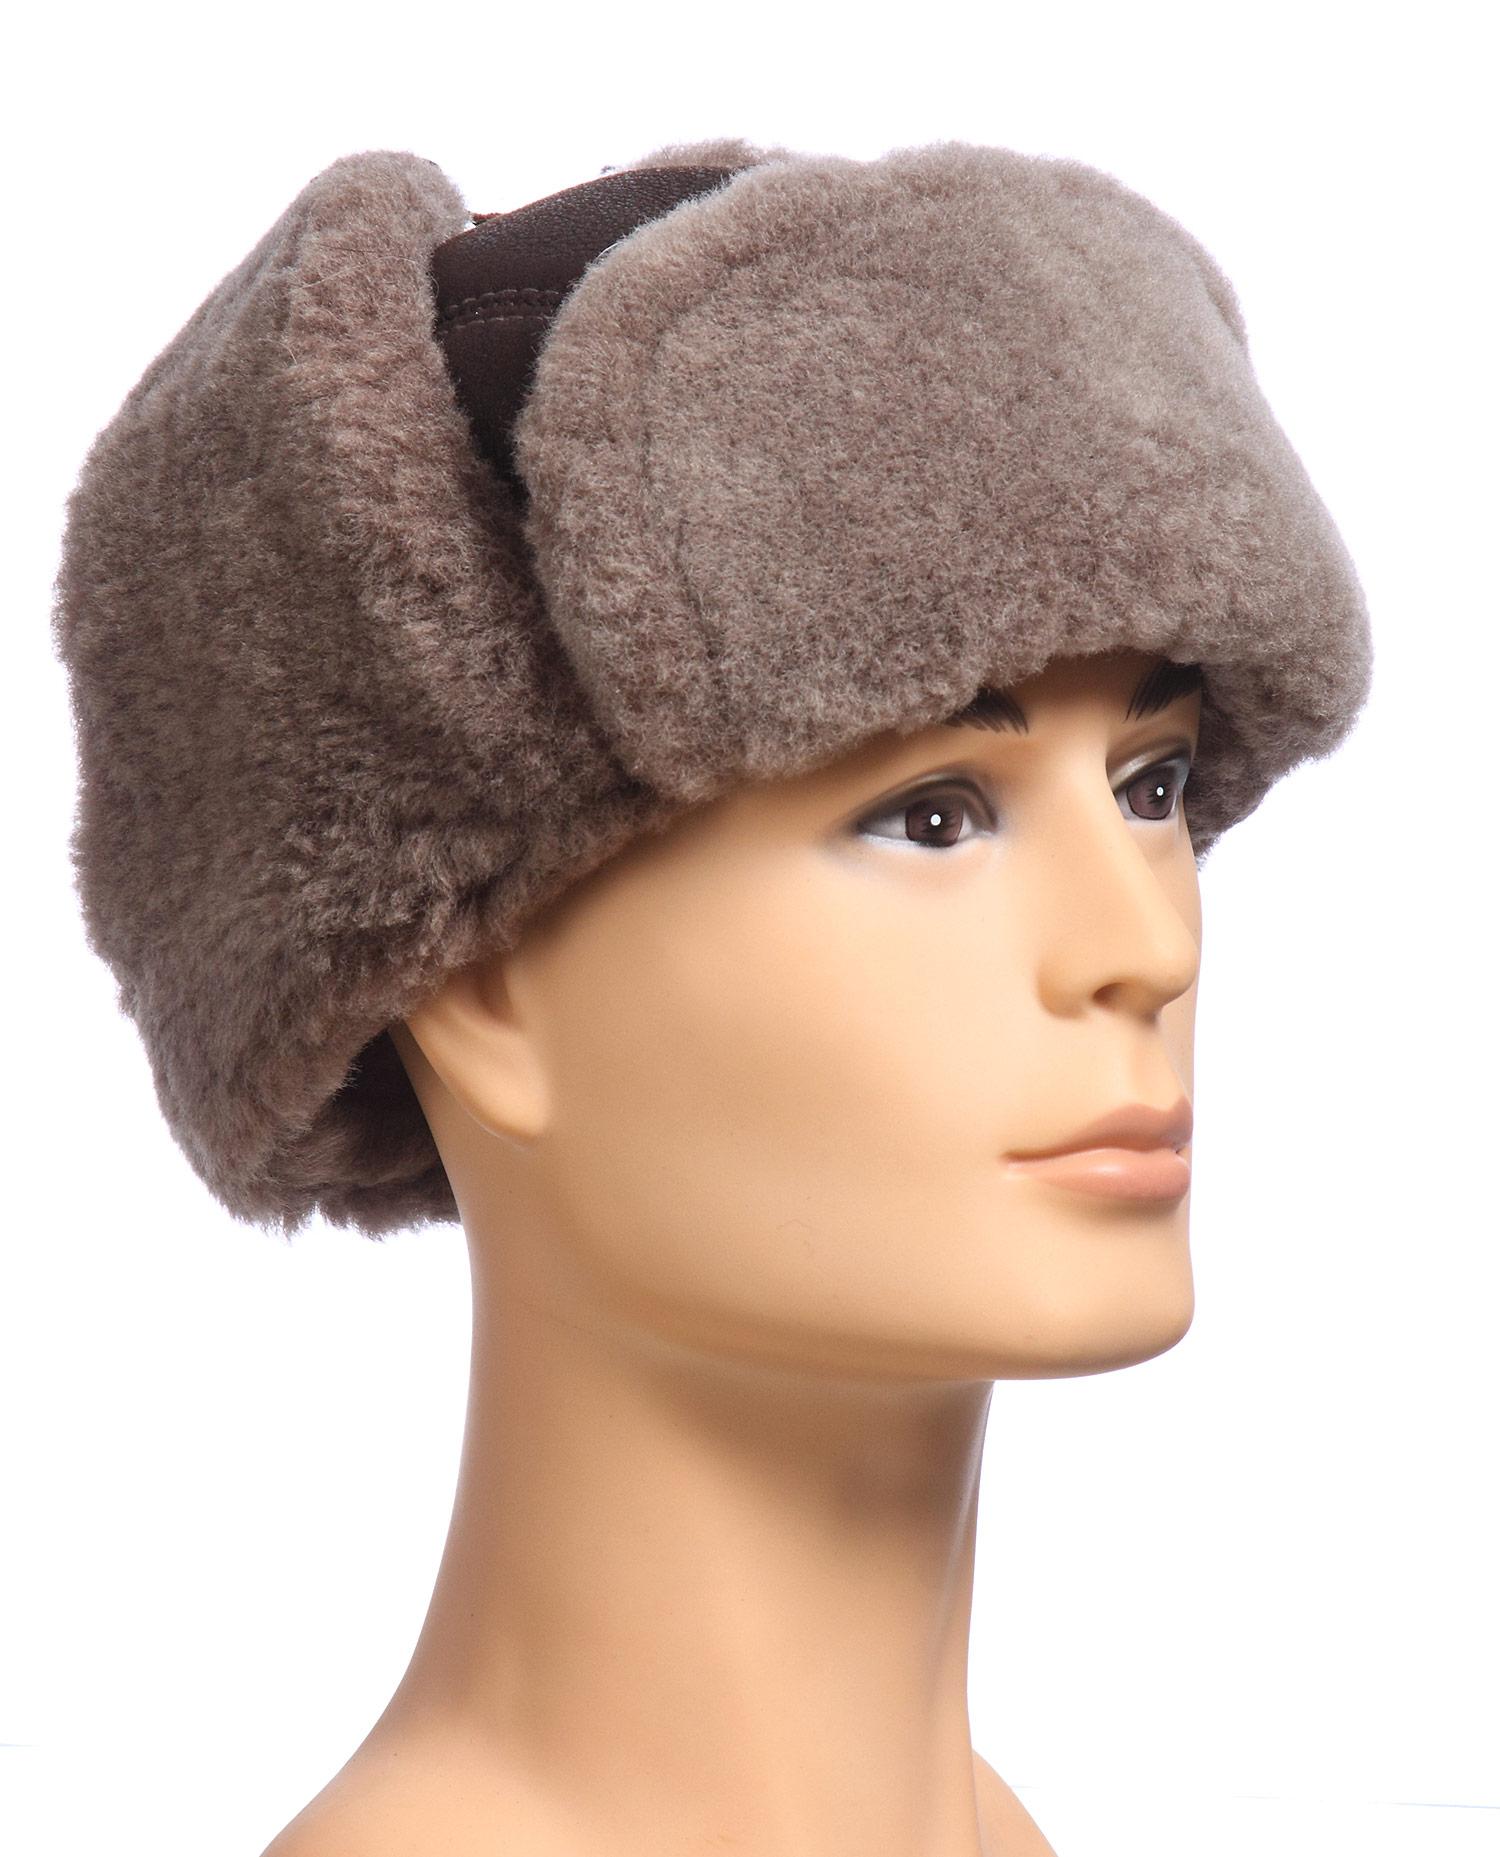 Шапка мужская из натуральной кожи<br><br>Материал: Кожа овчина<br>Цвет: коричневый<br>Пол: Мужской<br>Размер RU: 58-59